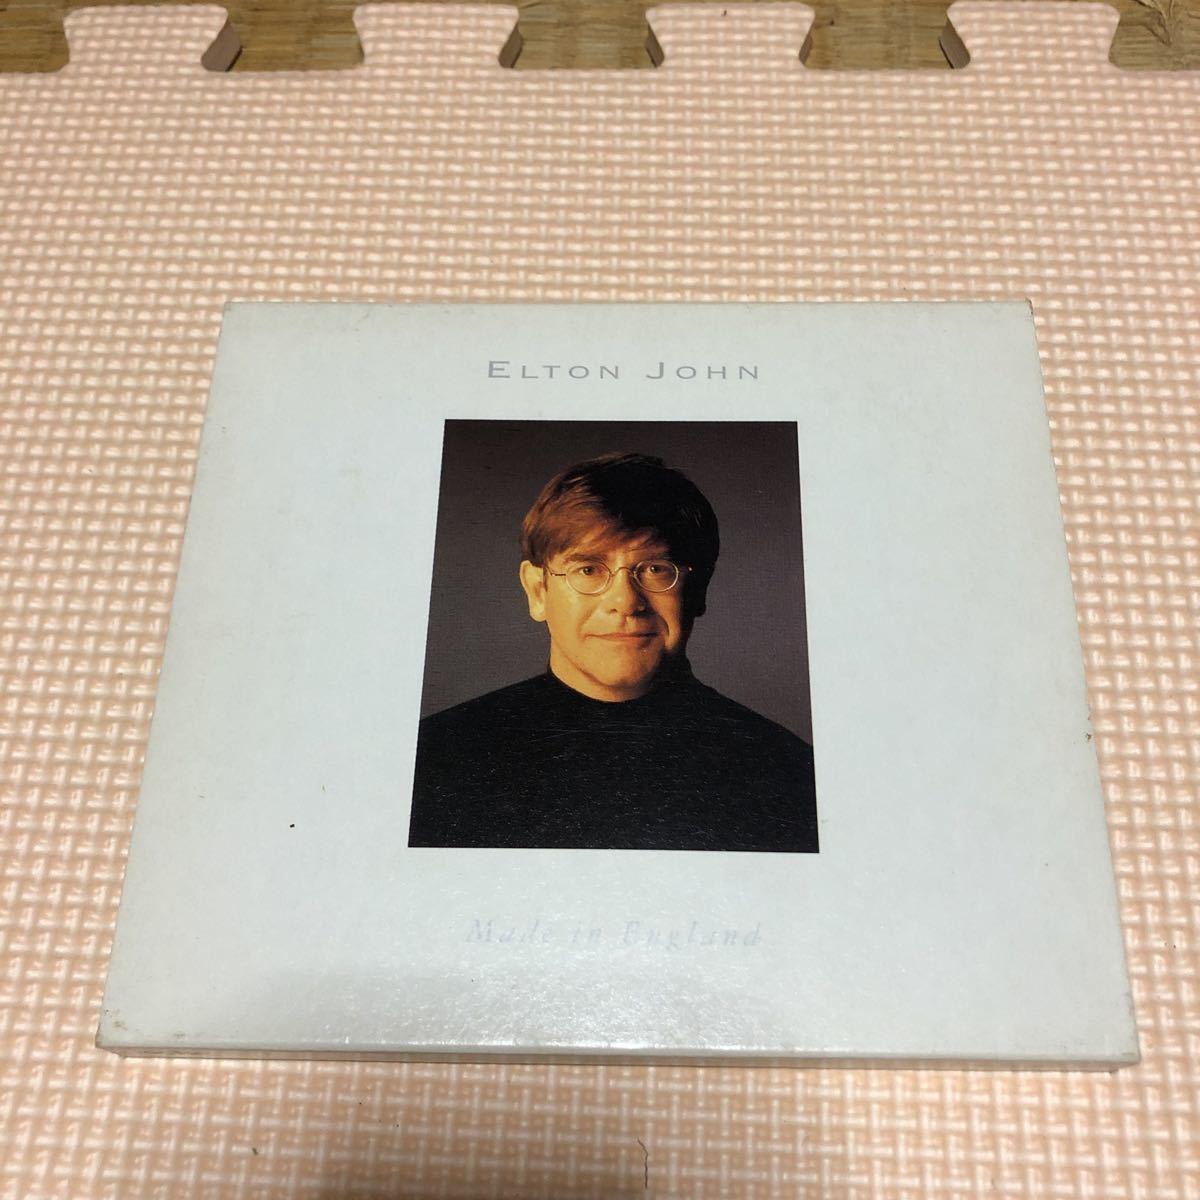 エルトン・ジョン メイド・イン・イングランド 国内盤CD